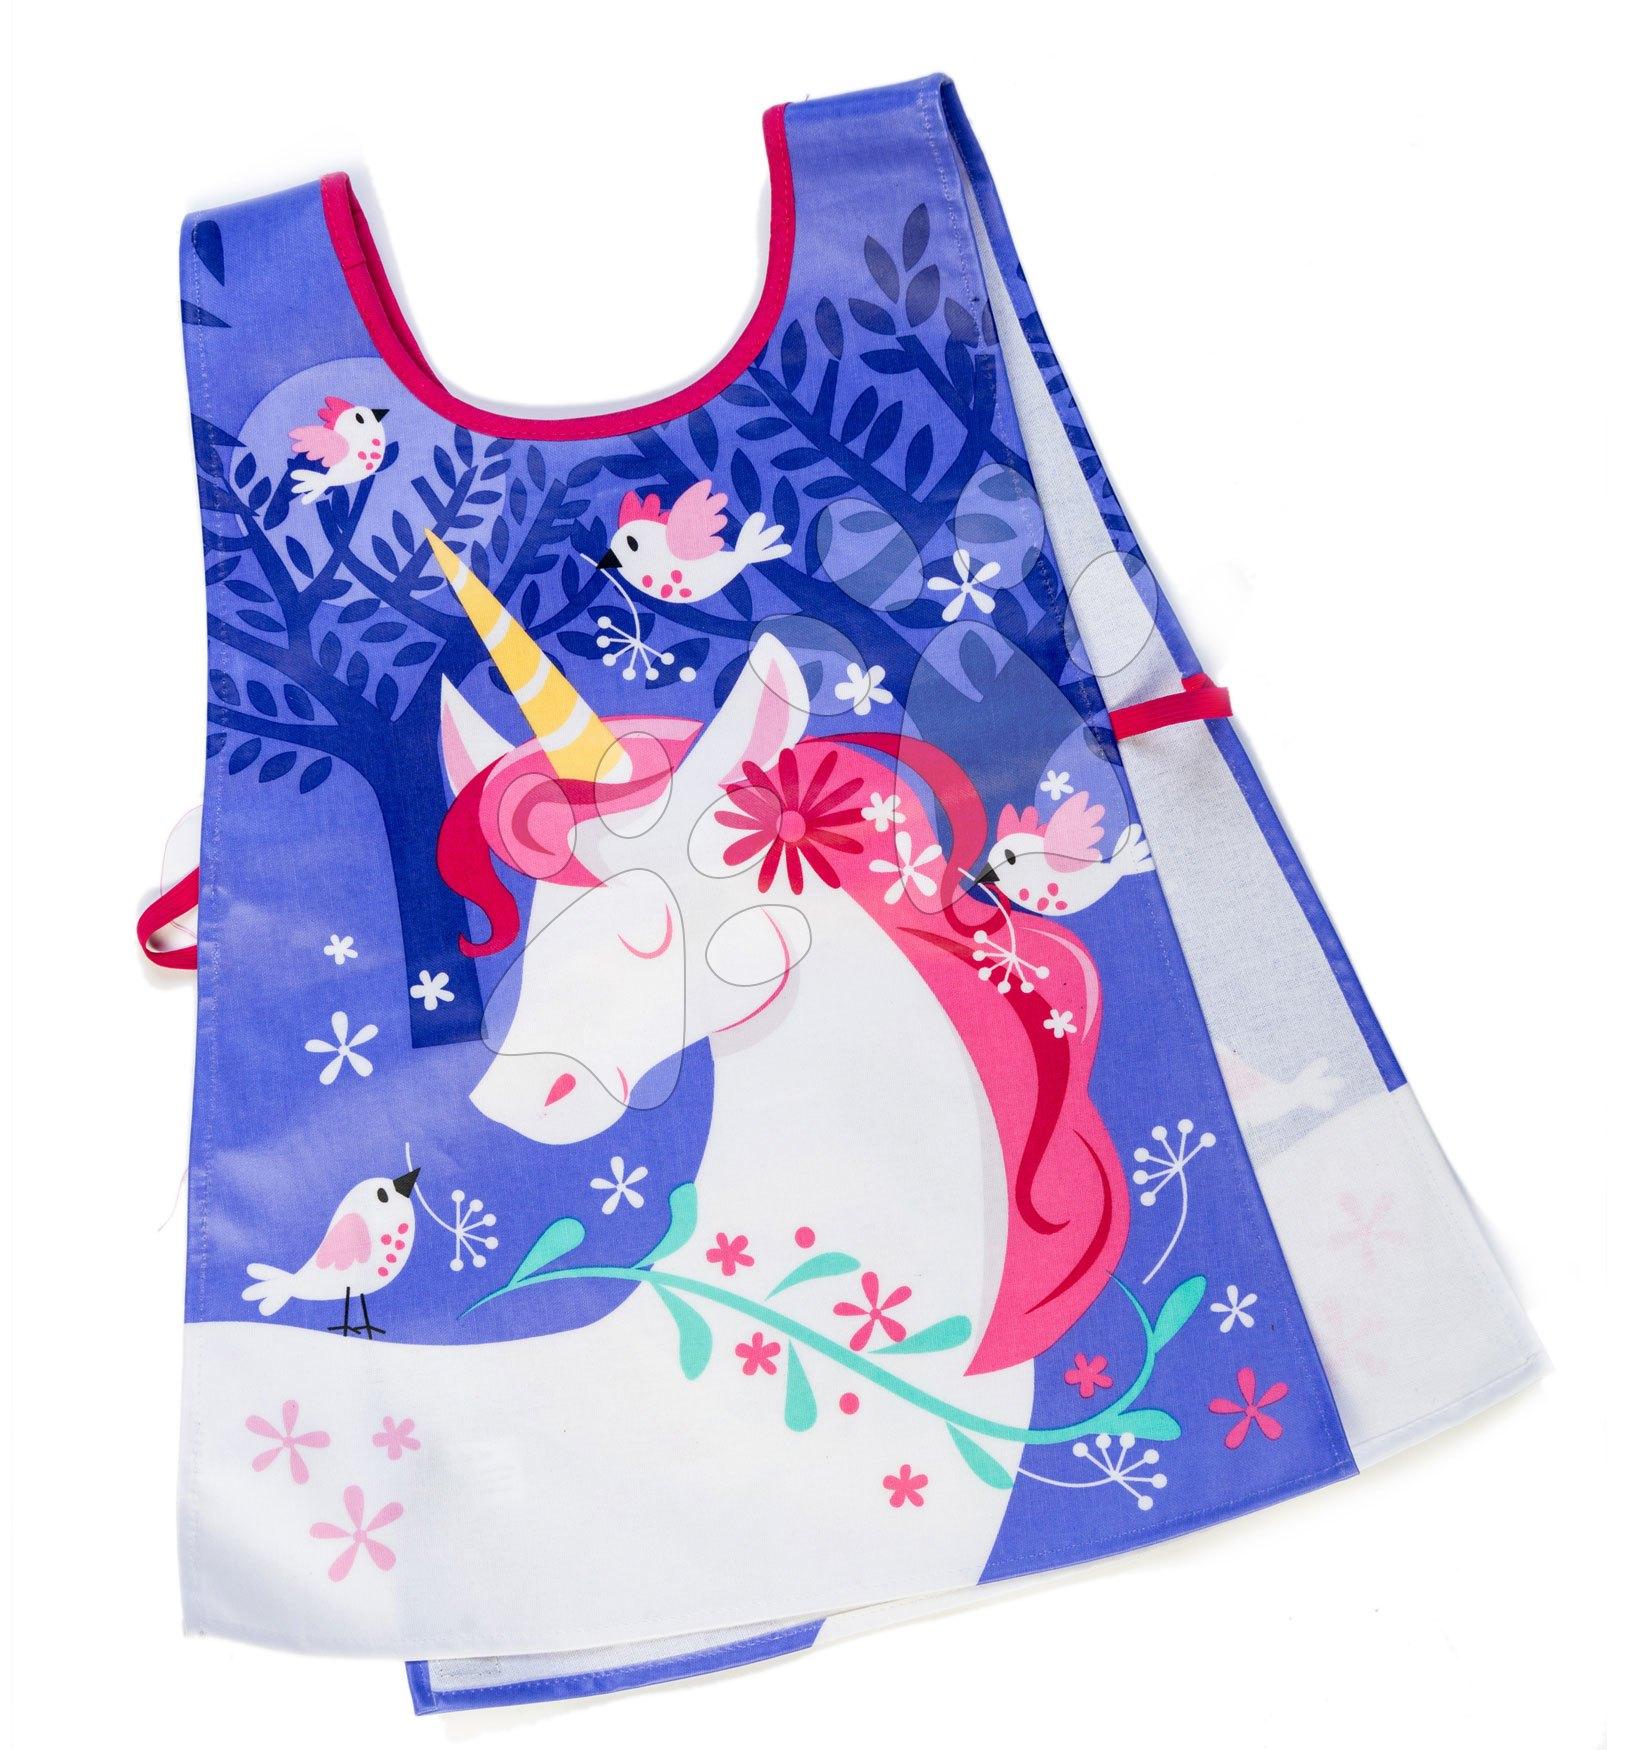 Pregača za djecu s motivom jednoroga Lulu L'Unicorn Tabard ThreadBear sa zaštitnim slojem od 3-6 godina starosti